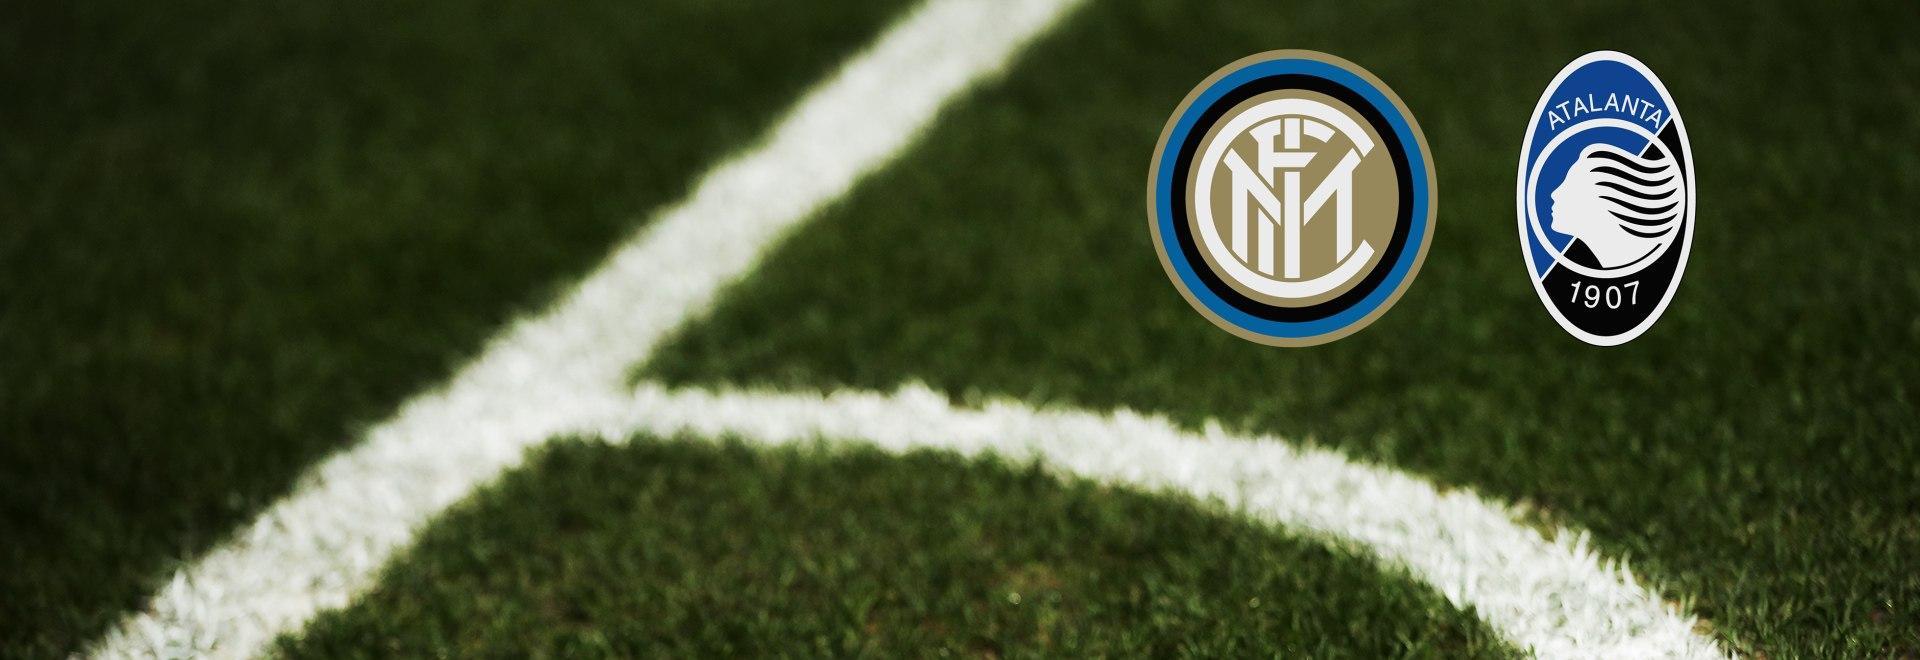 Inter - Atalanta. 19a g.